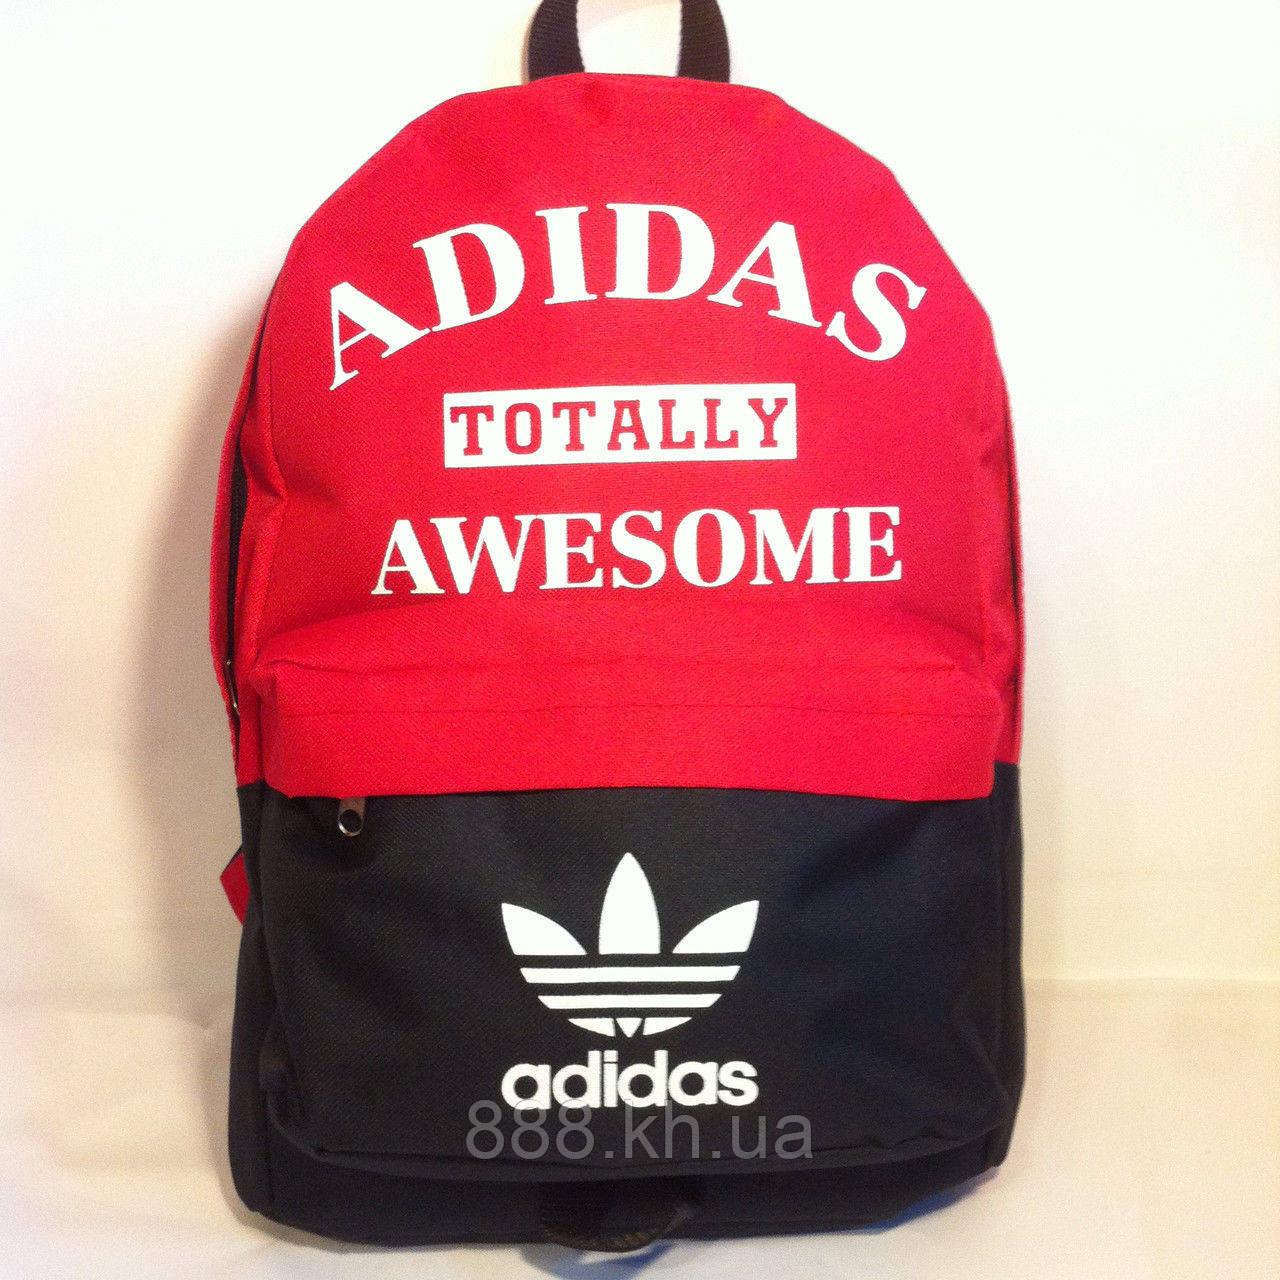 Рюкзак городской Adidas, спортивный рюкзак адидас черный/красный, фото 1